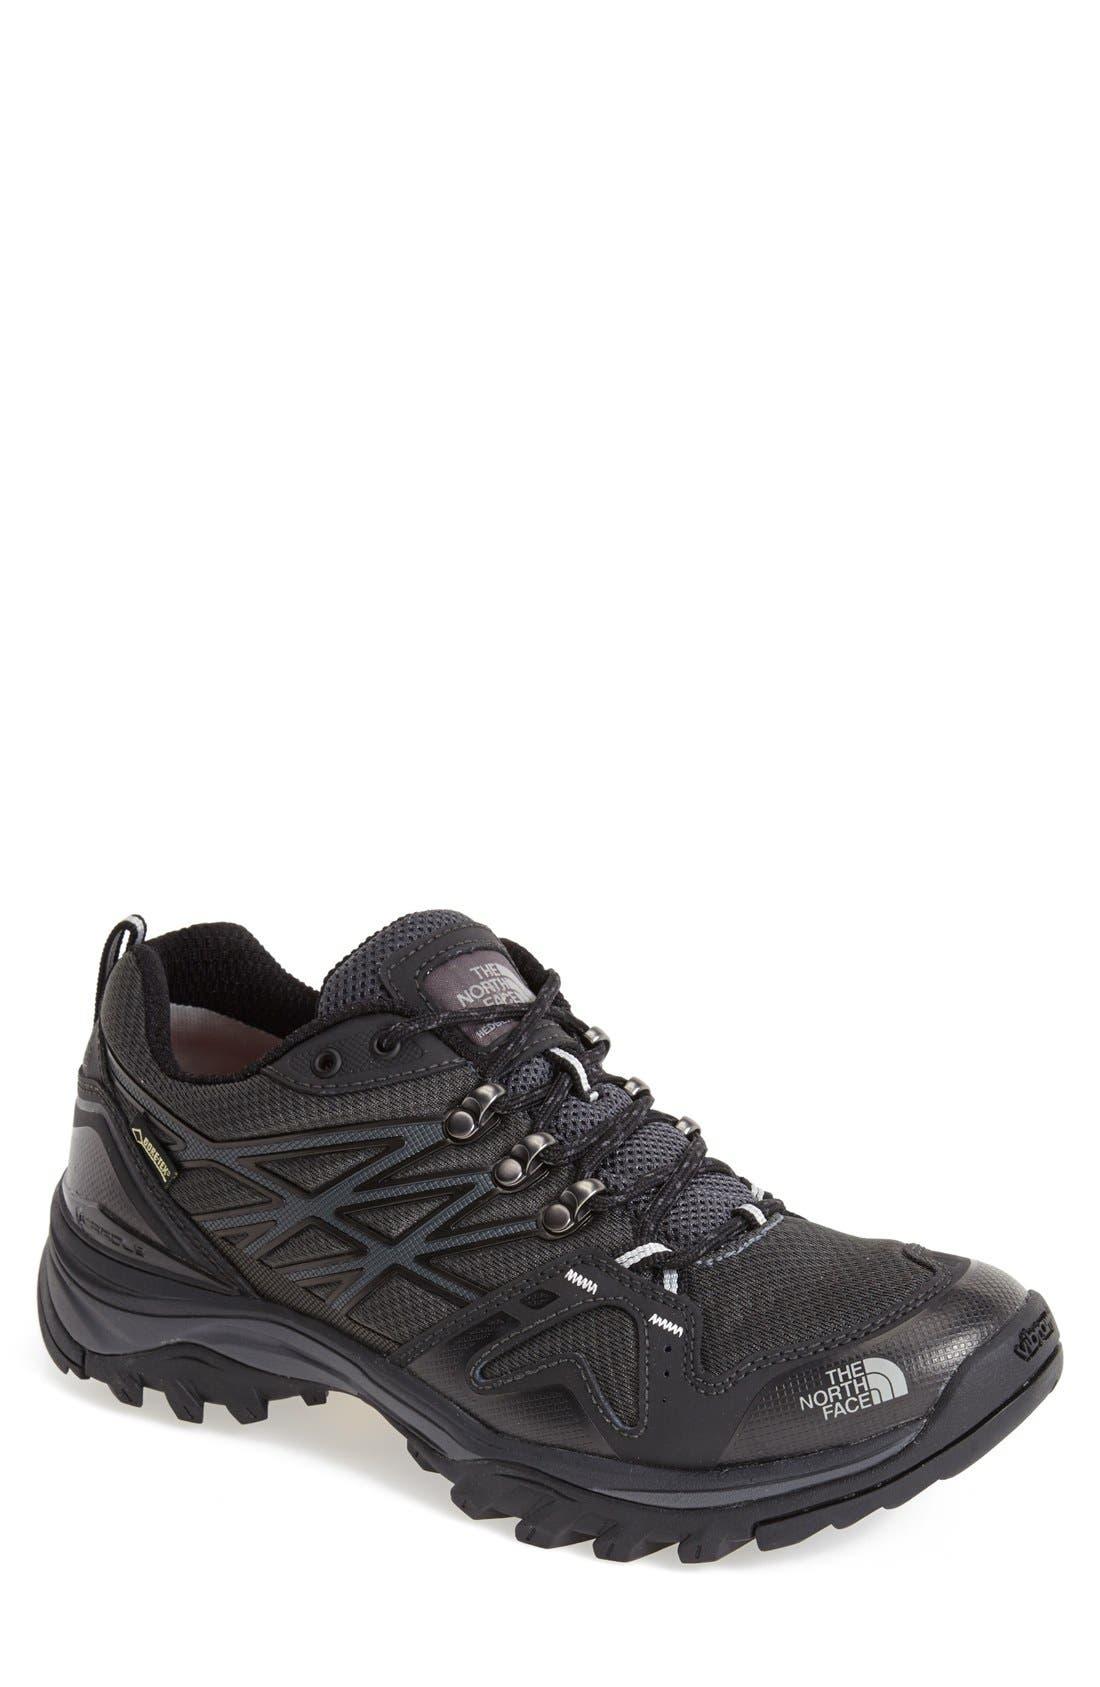 'Hedgehog Fastpack' Gore-Tex<sup>®</sup> Waterproof Hiking Shoe,                         Main,                         color,